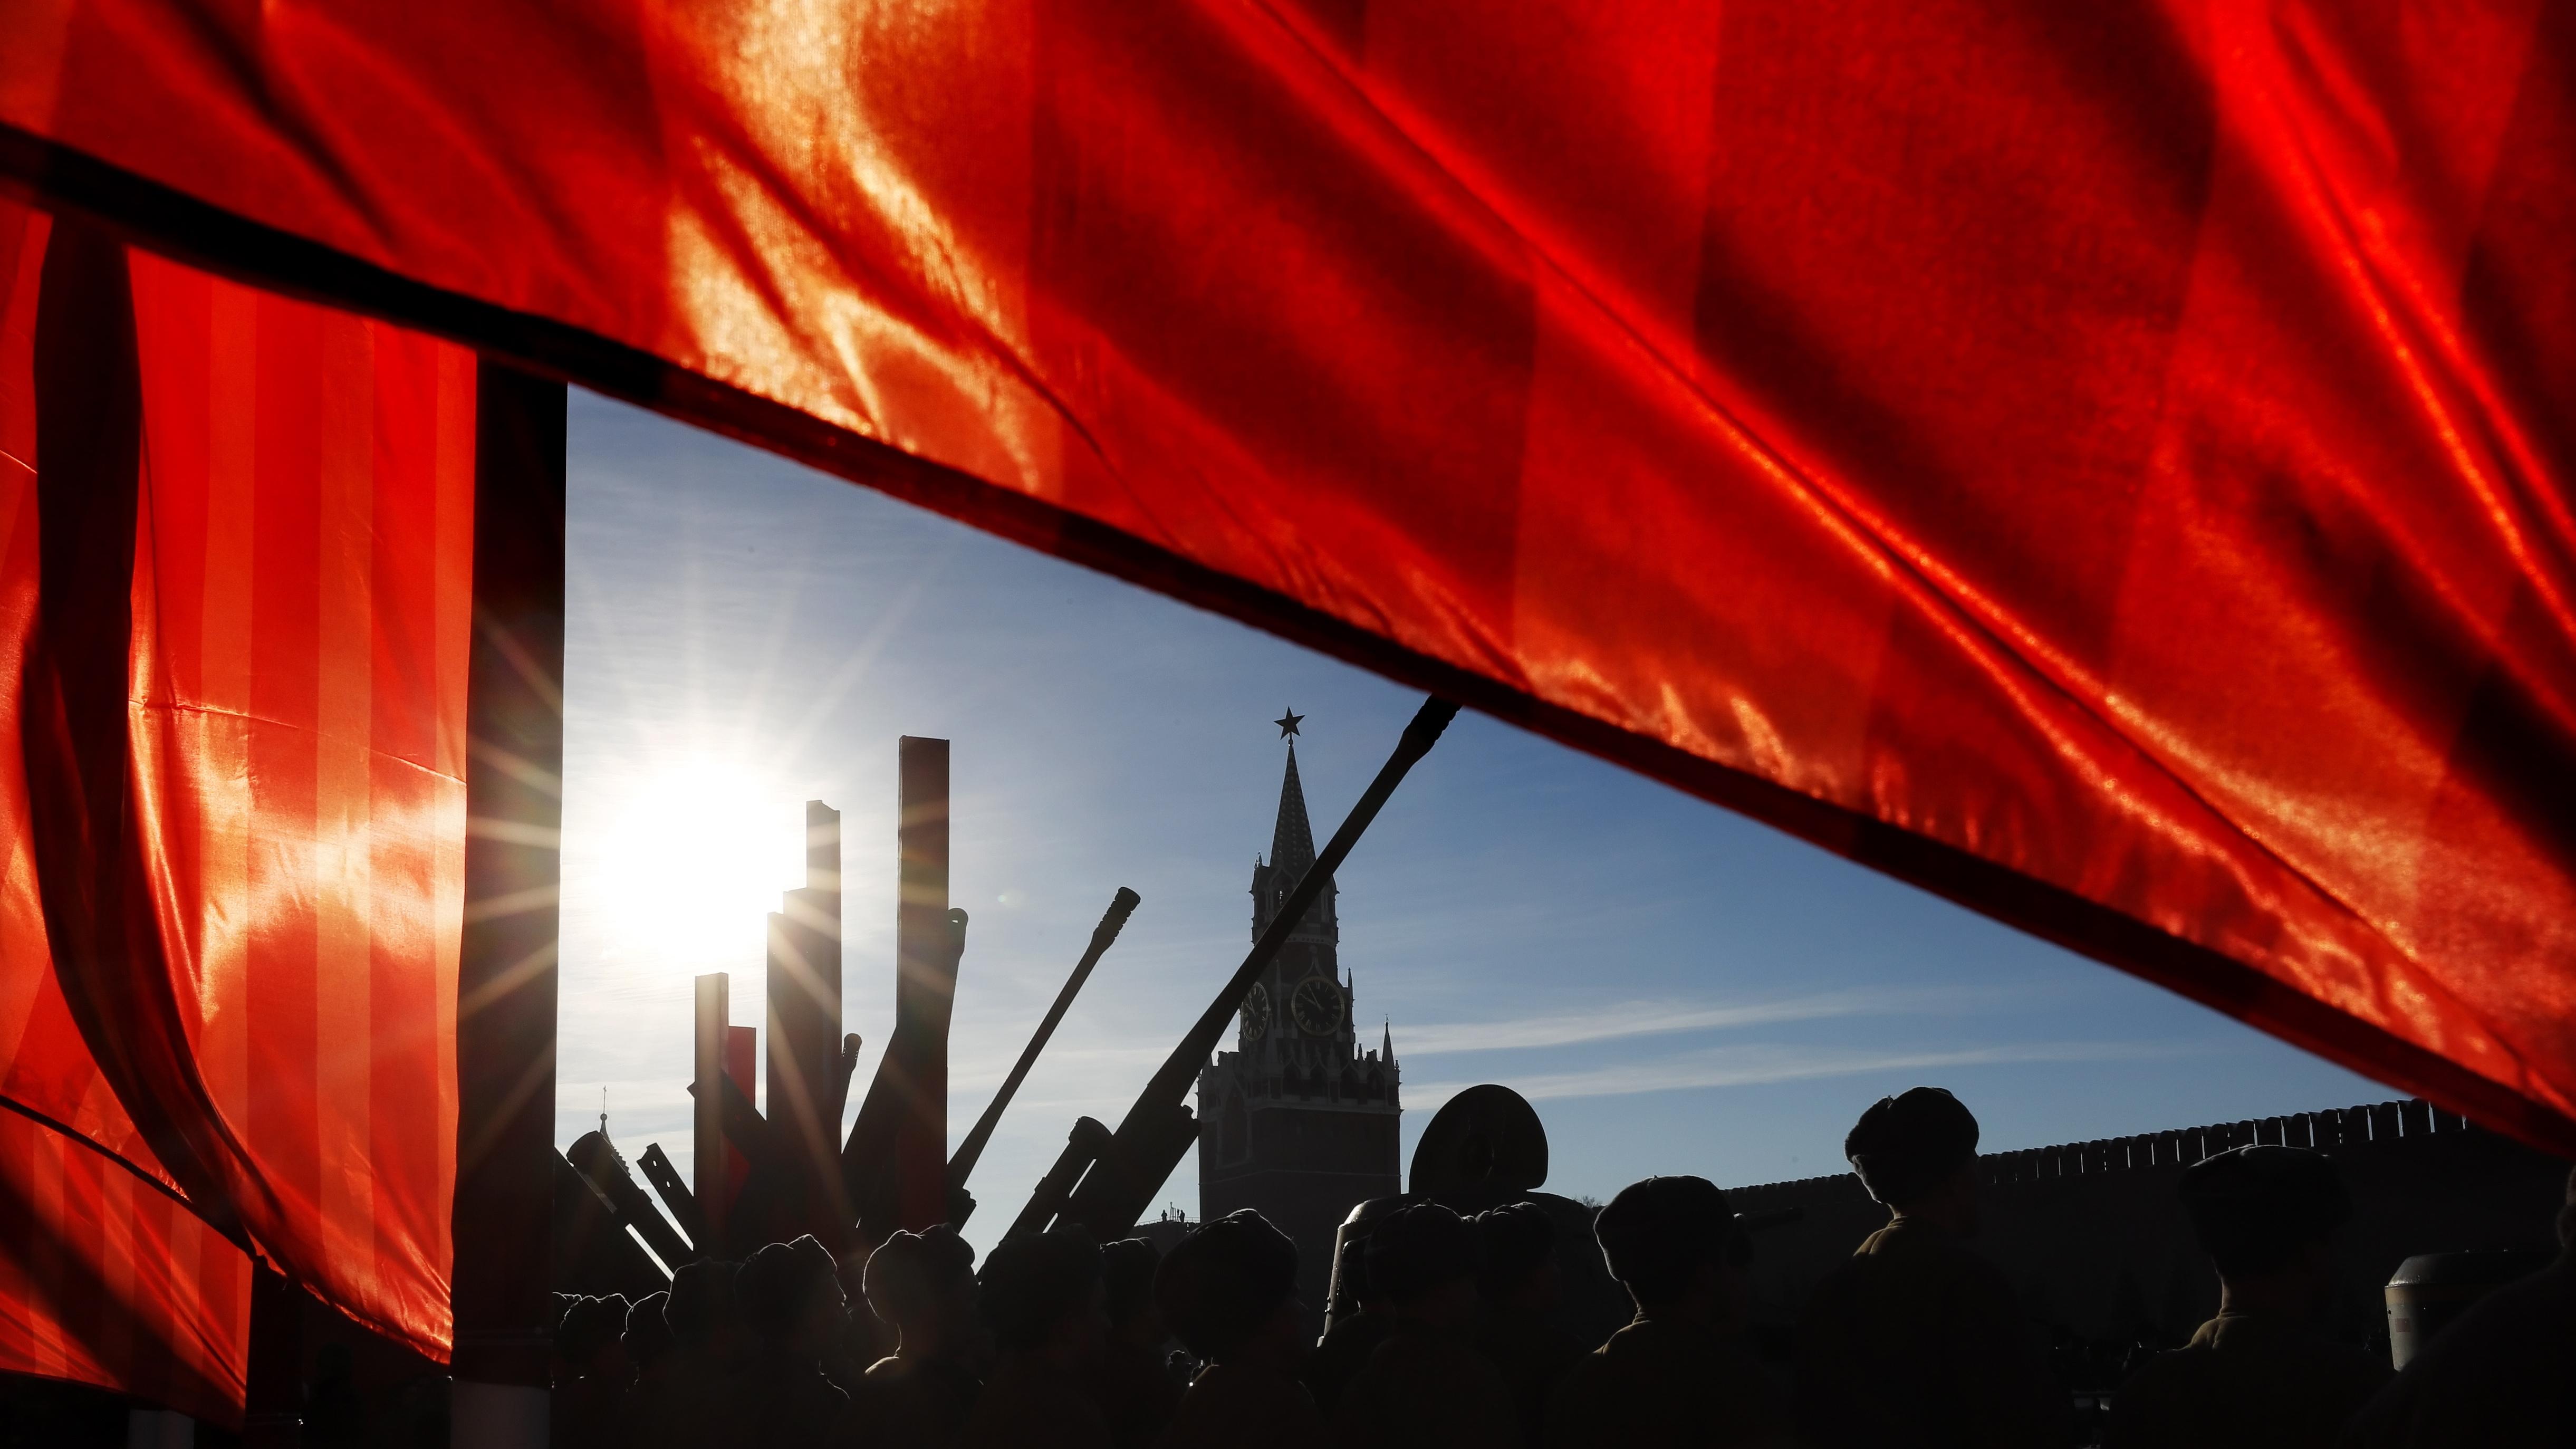 По време на Съветския период, военният парад на 7 ноември бе централен празник на годината, отбелязващ Великата октомврийска революция (Болшевишката революция).